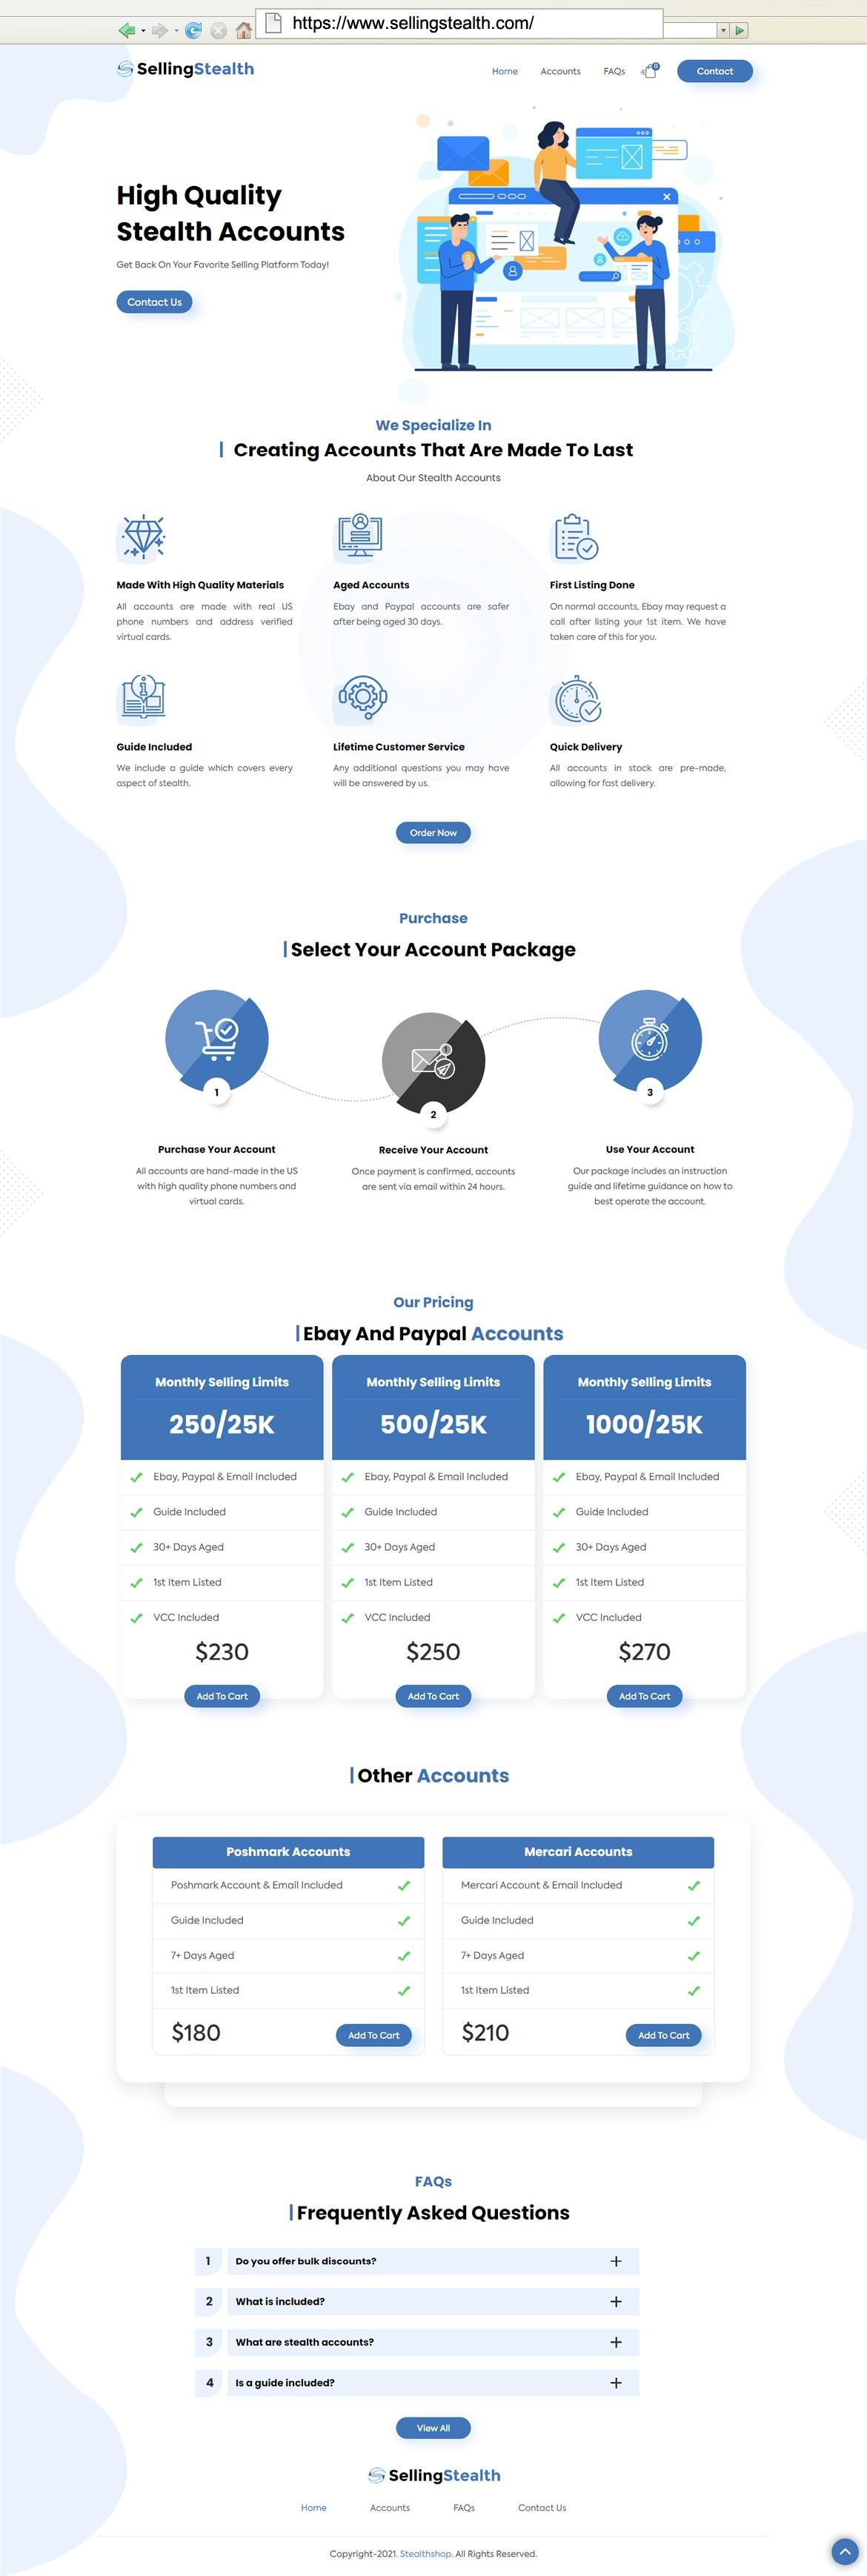 https://www.smartinfosys.net/51135/sellingstealthcom.jpg